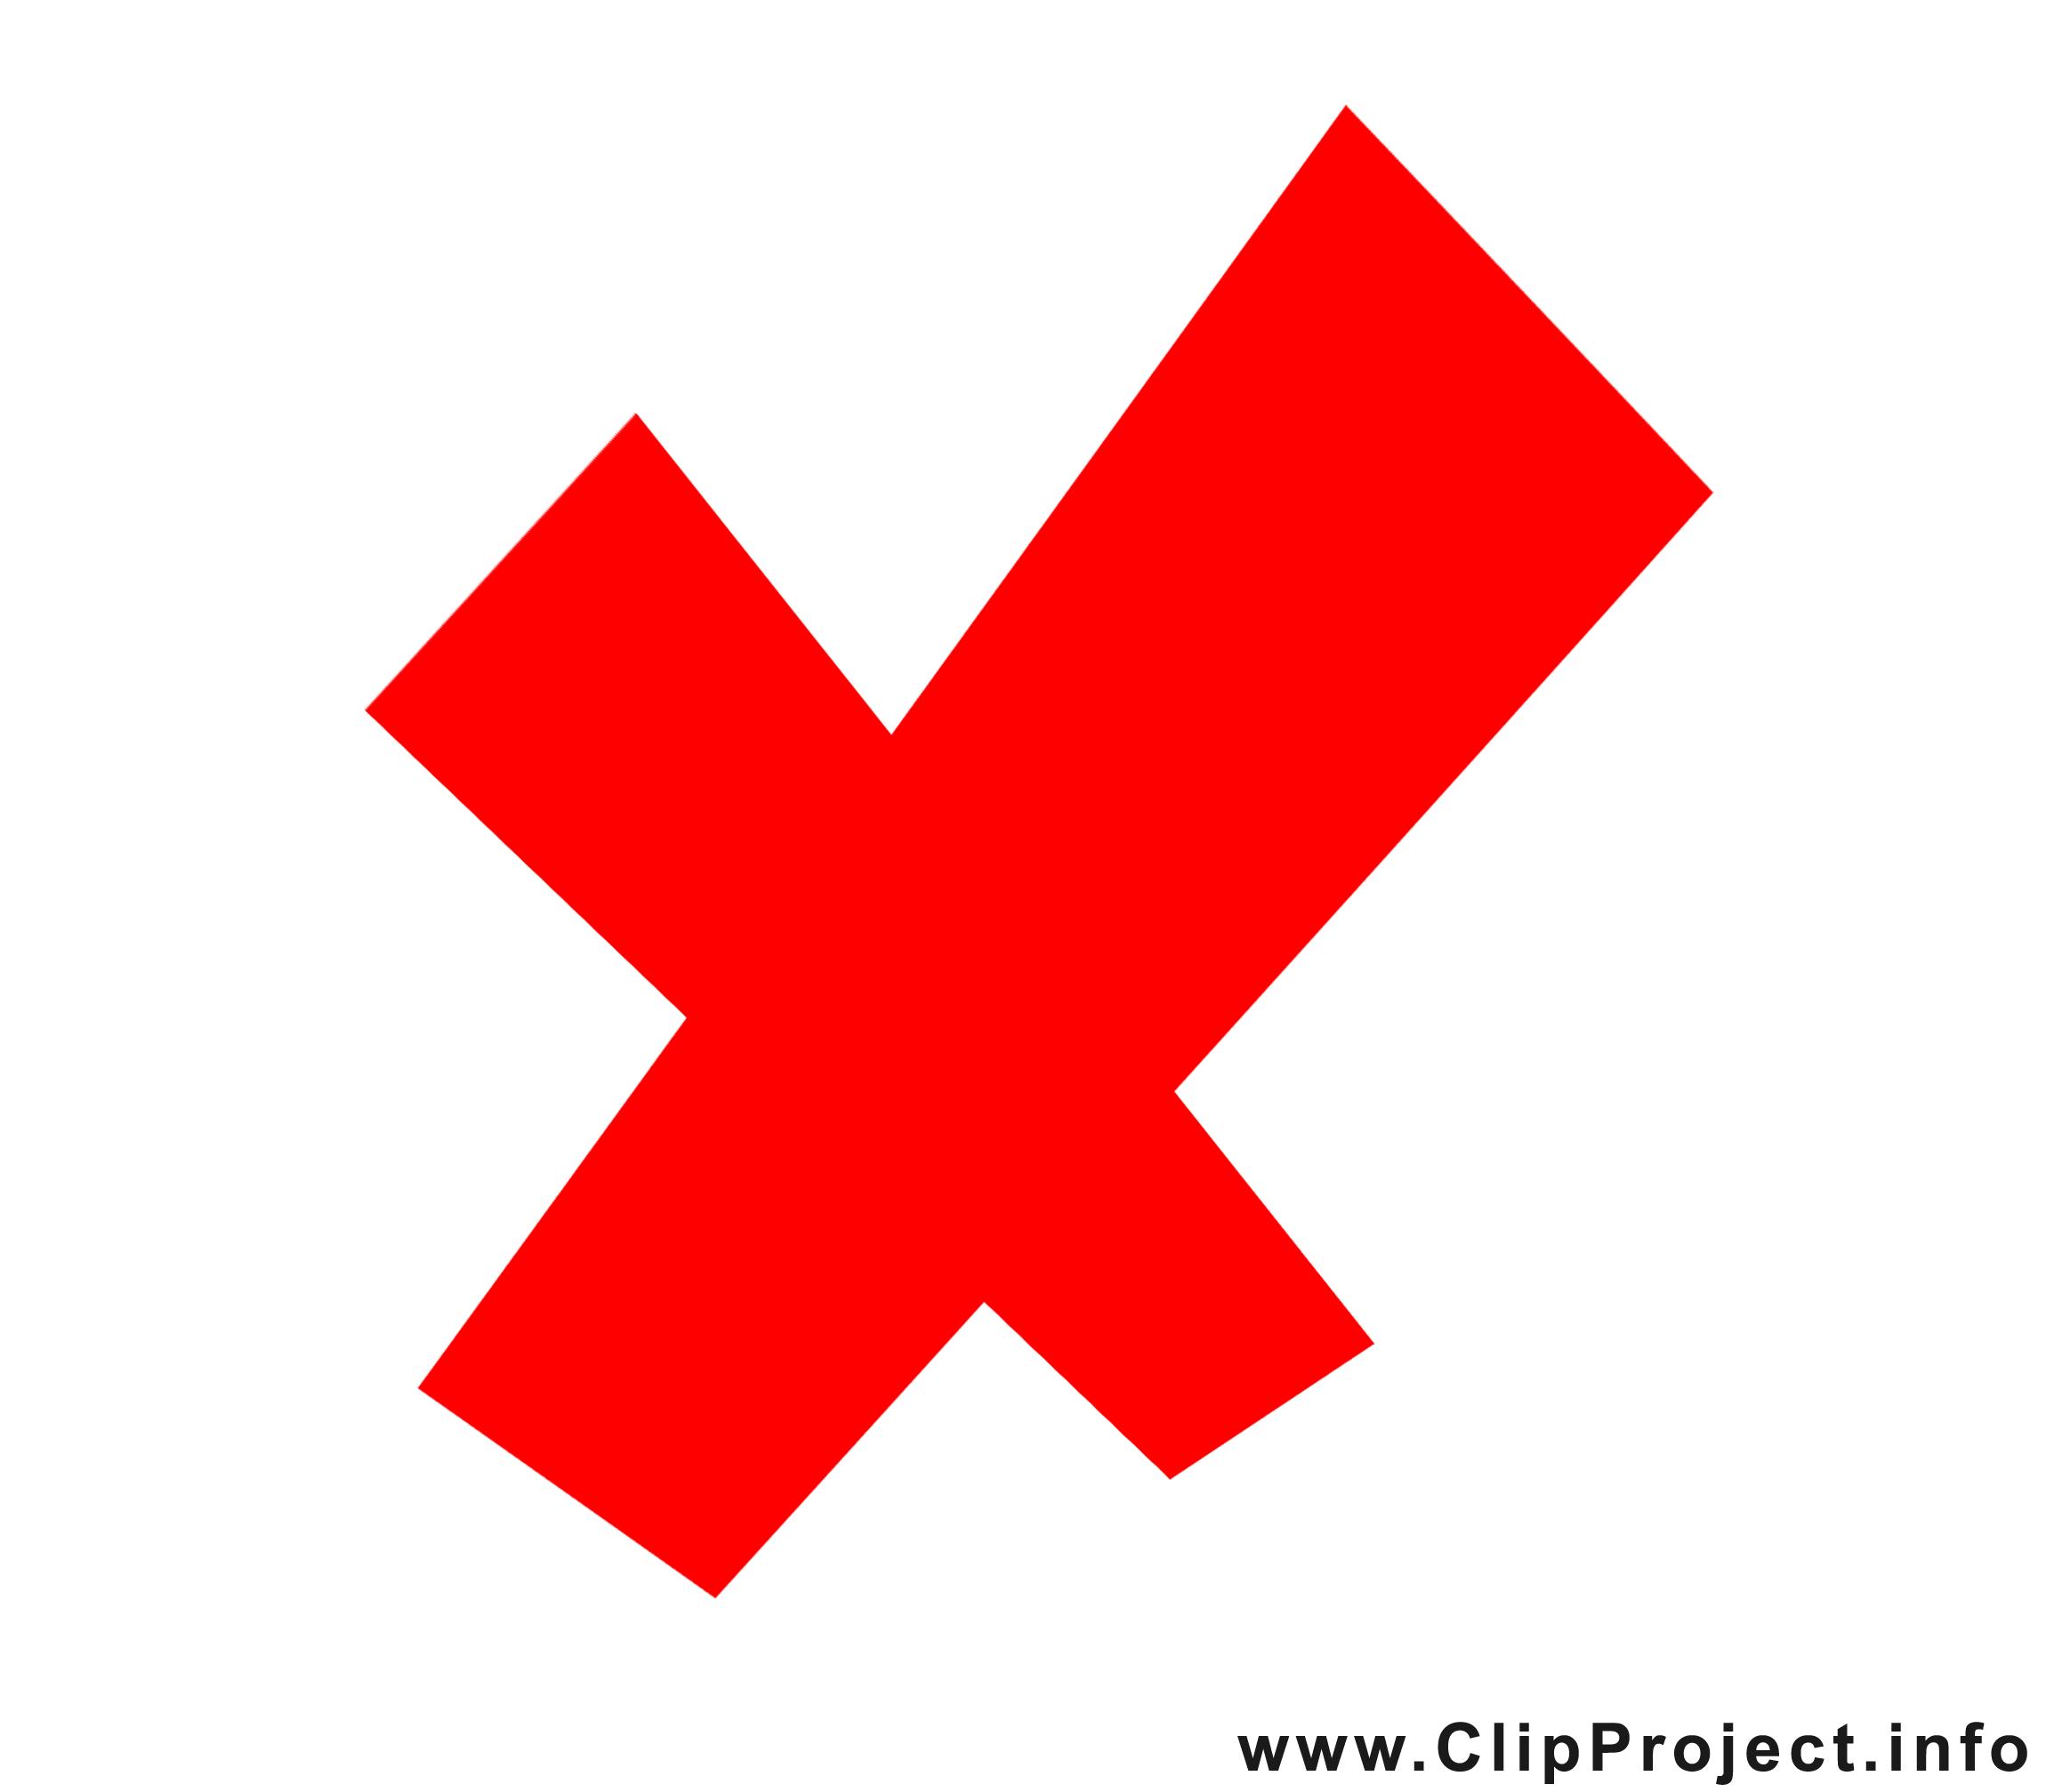 Kreuz clipart #5, Download drawings